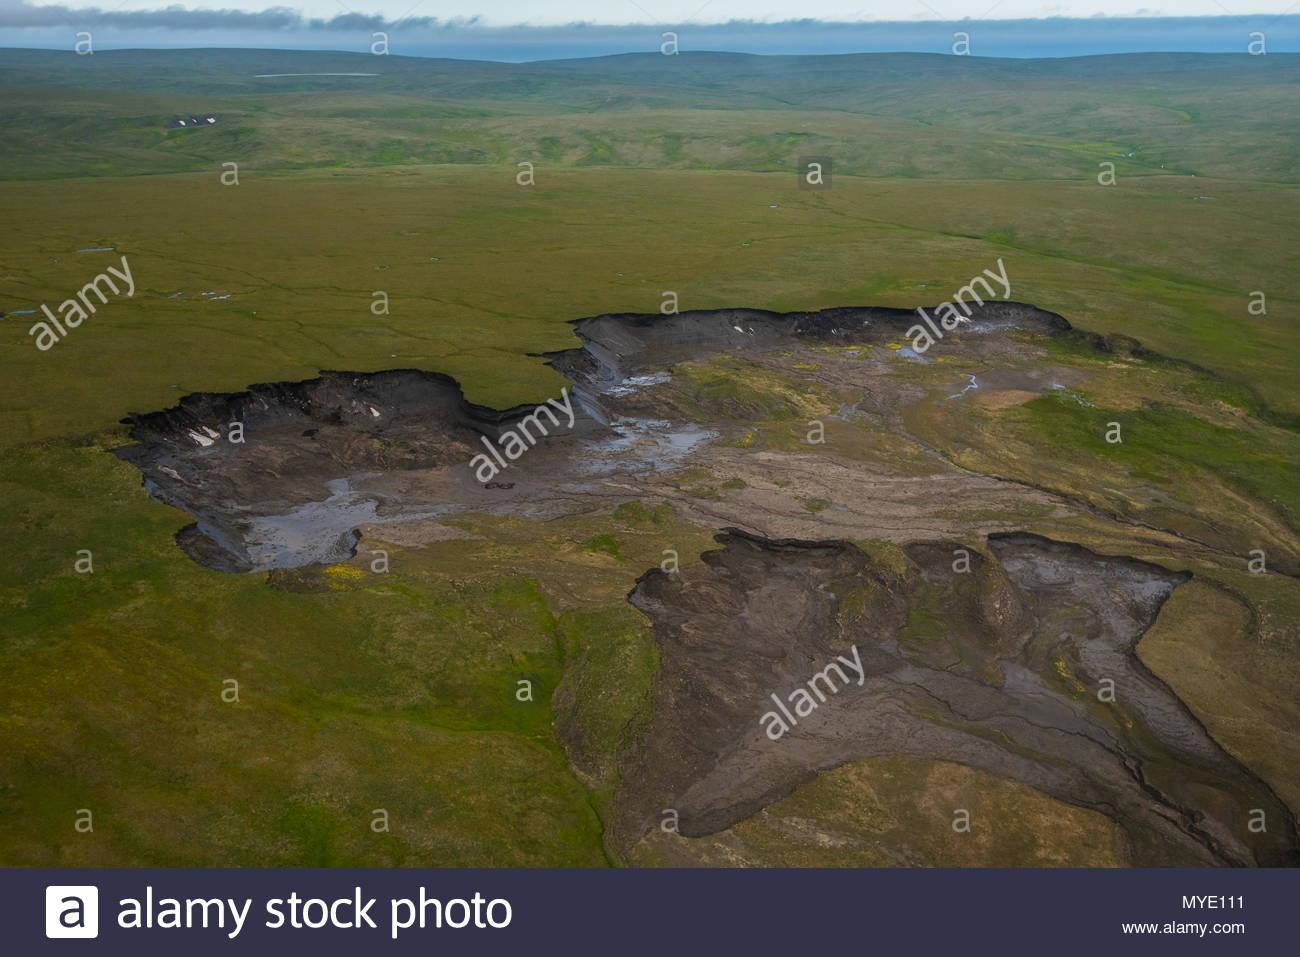 A massive permafrost thaw slump near the Arctic Ocean coastline. - Stock Image